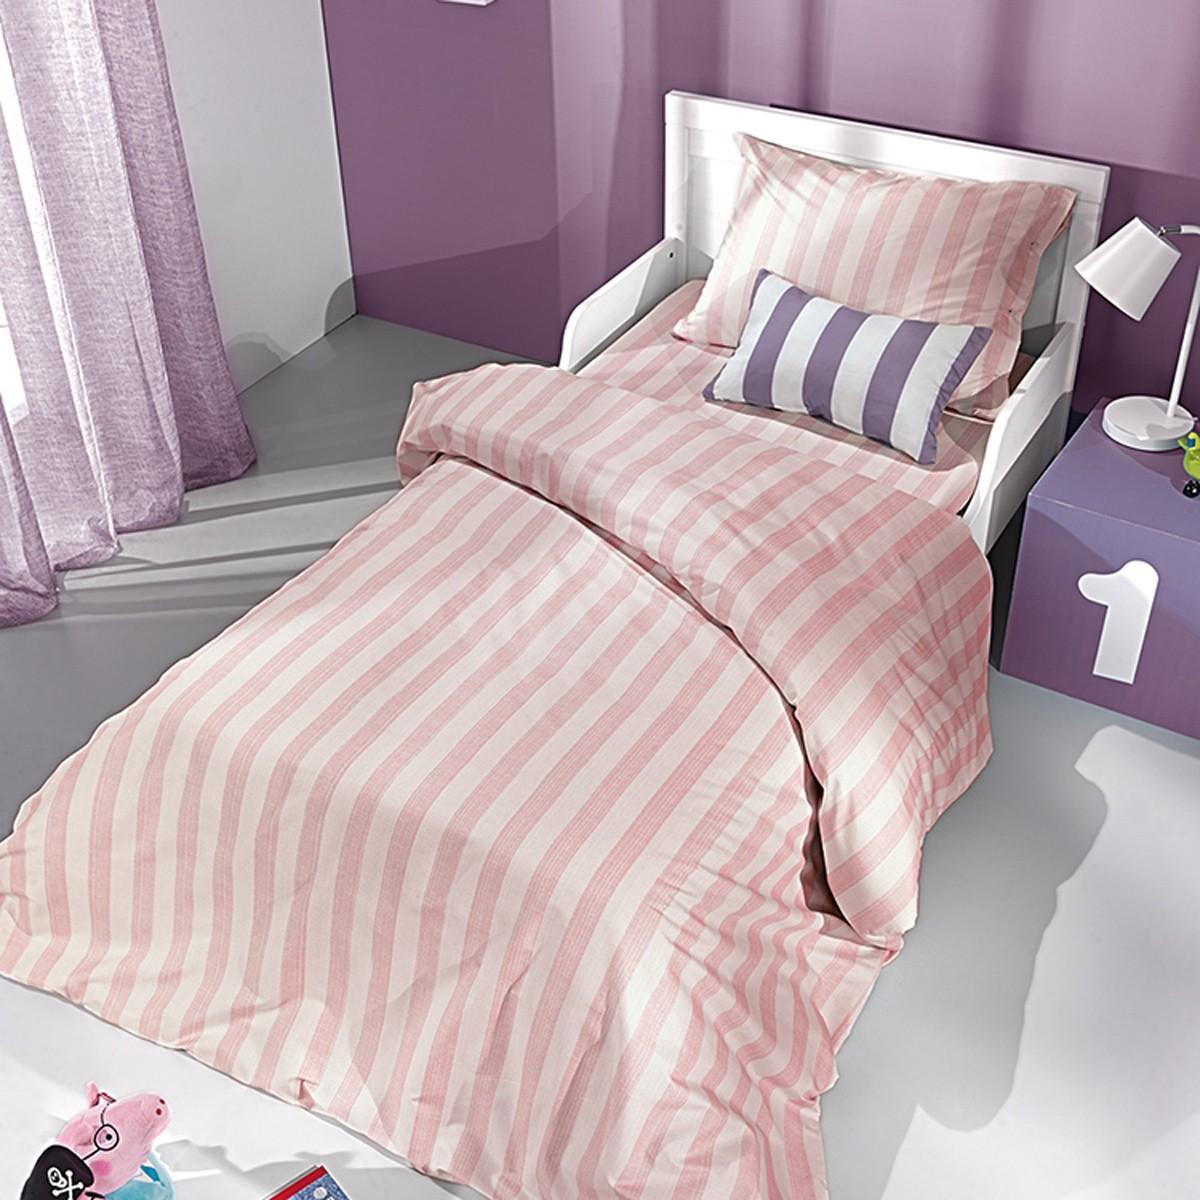 Σεντόνια Μονά (Σετ) Saint Clair Pink Stripes